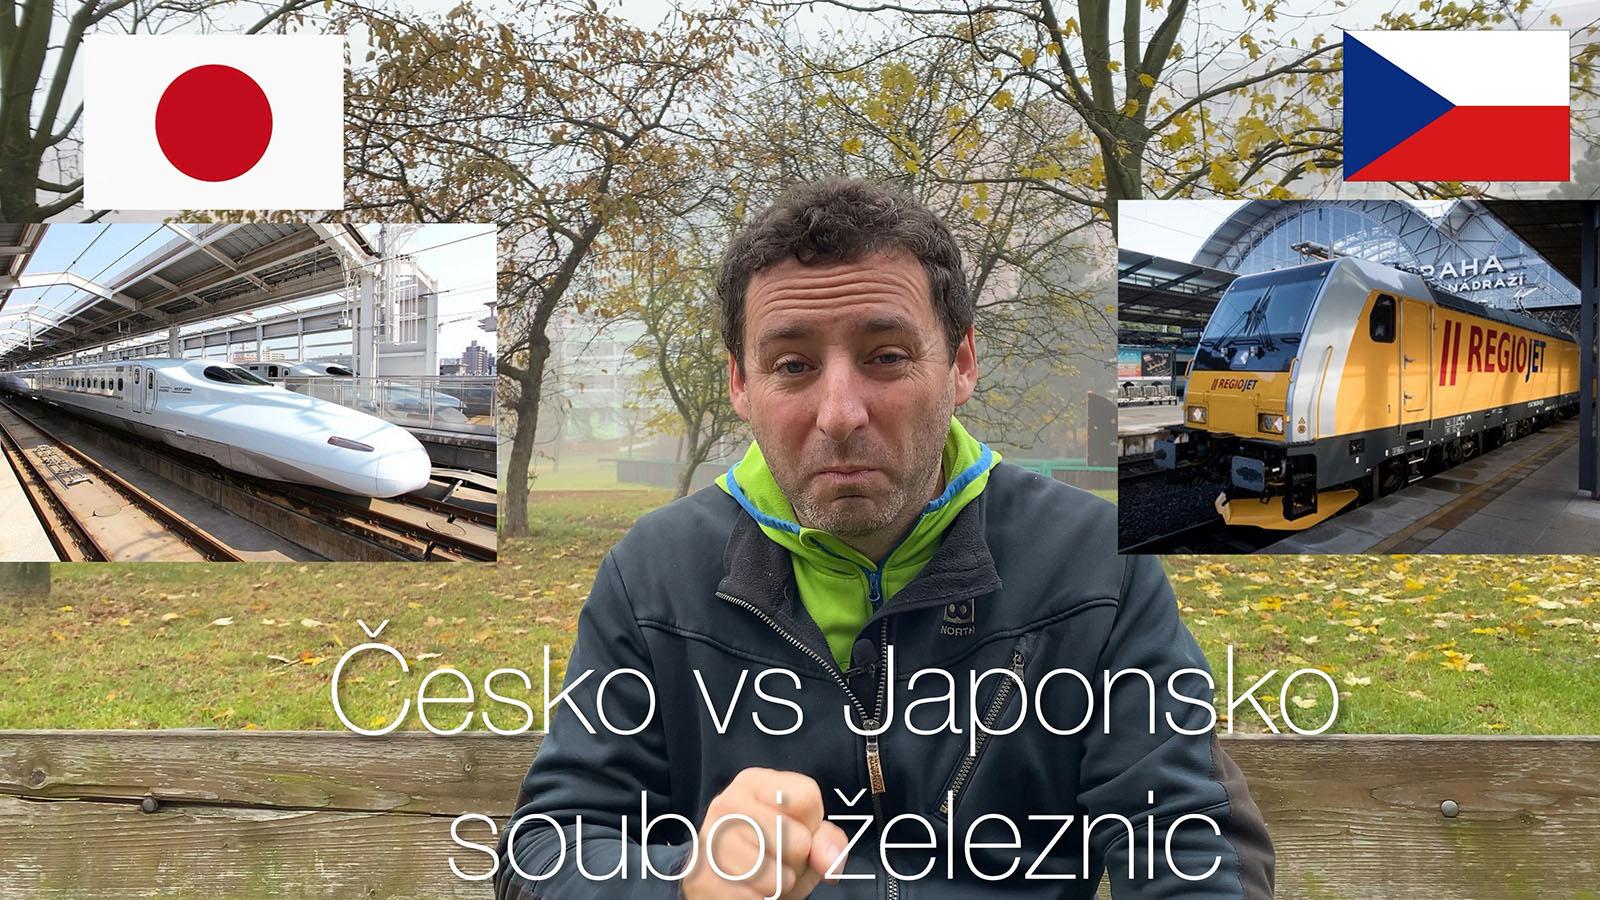 Česko vs Japonsko: souboj železnic